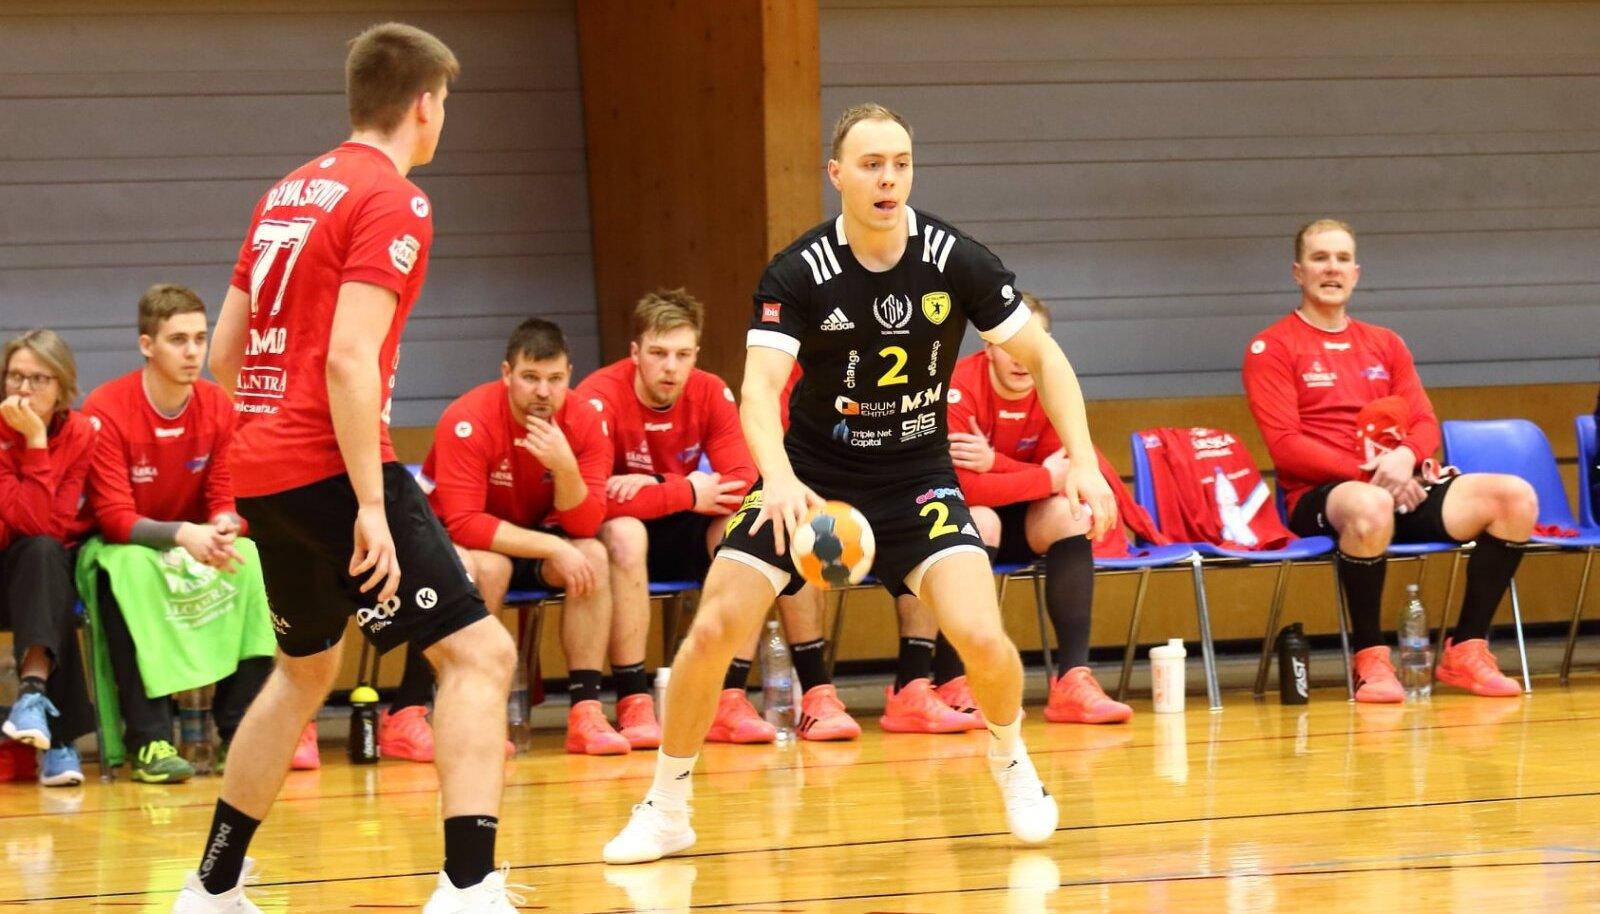 Eesti liigasse naasnud Jesper Bruno Bramanis (palliga) tegi Tallinna särgis vähemalt skoori mõistes seni parima mängu, visates Tapa vastu kuus väravat.